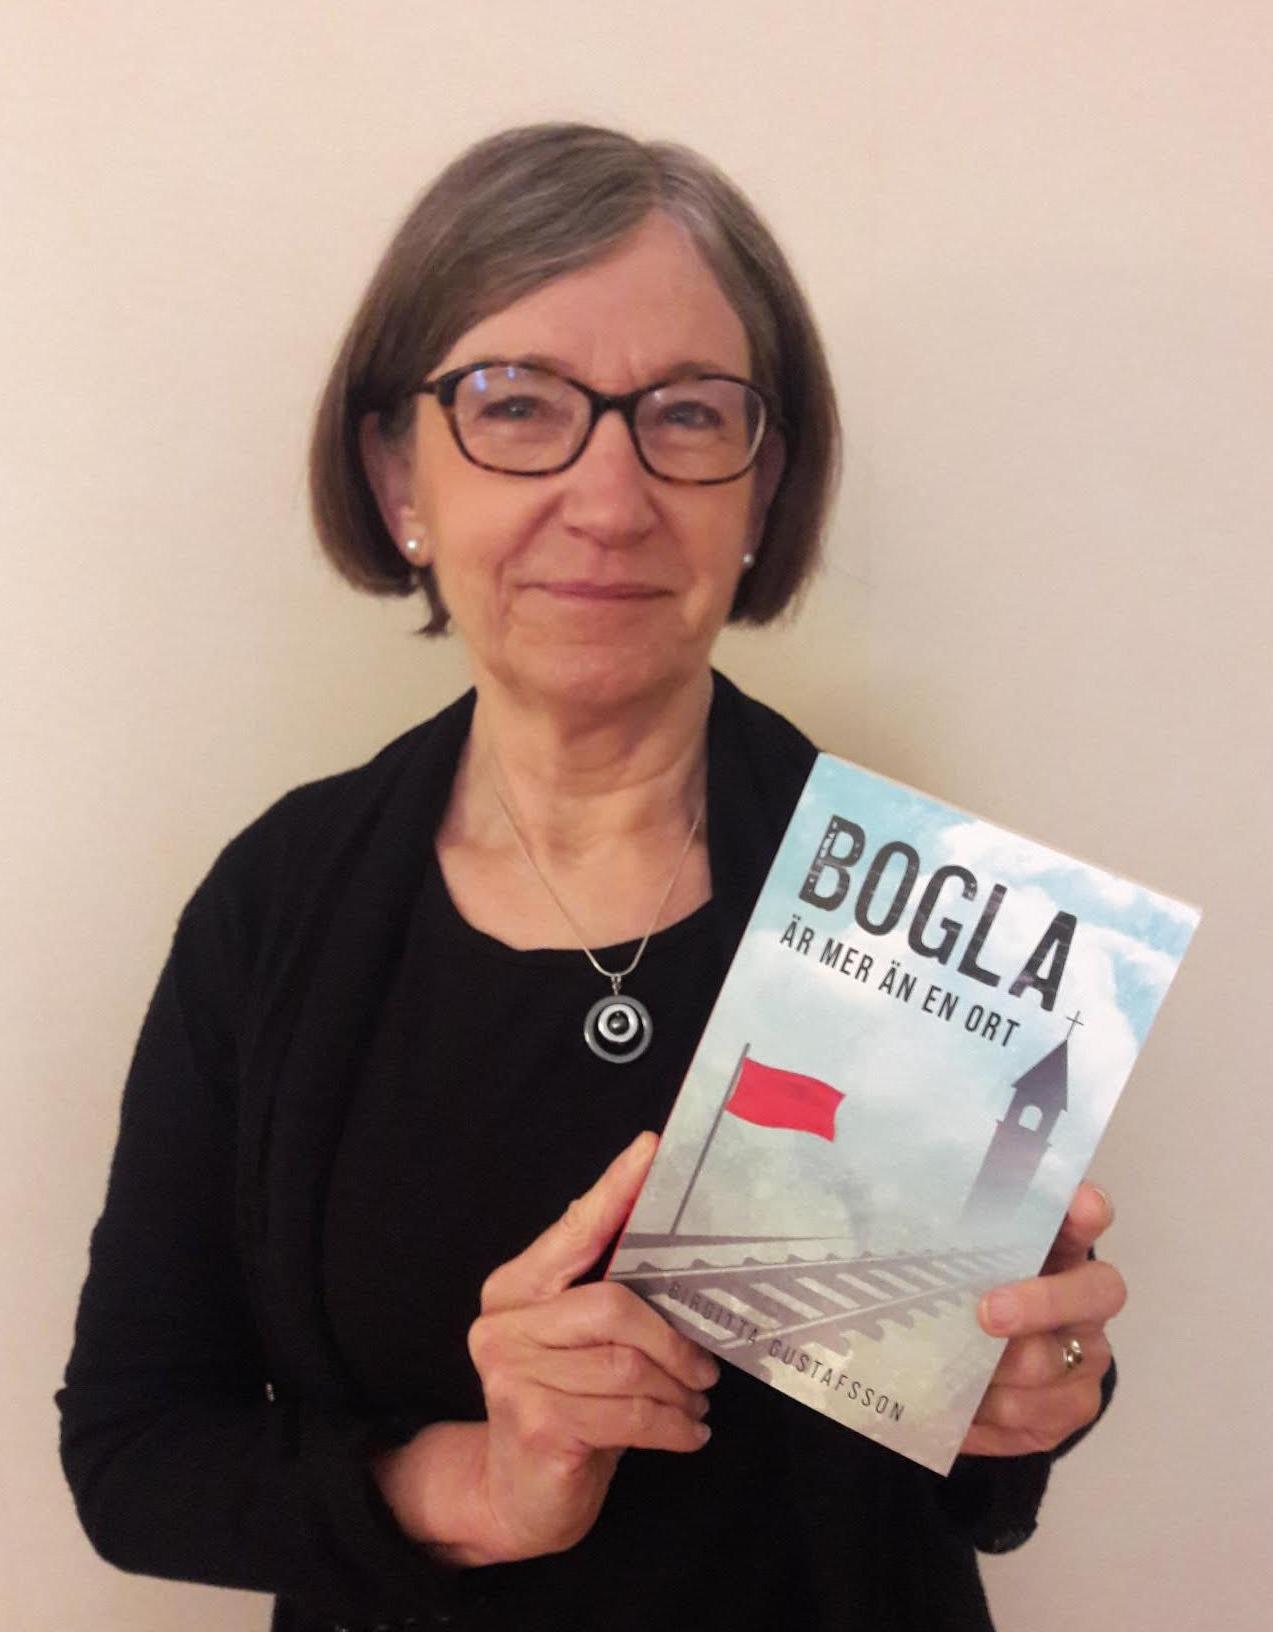 Bogla är mer än en ort av Birgitta Gustafsson